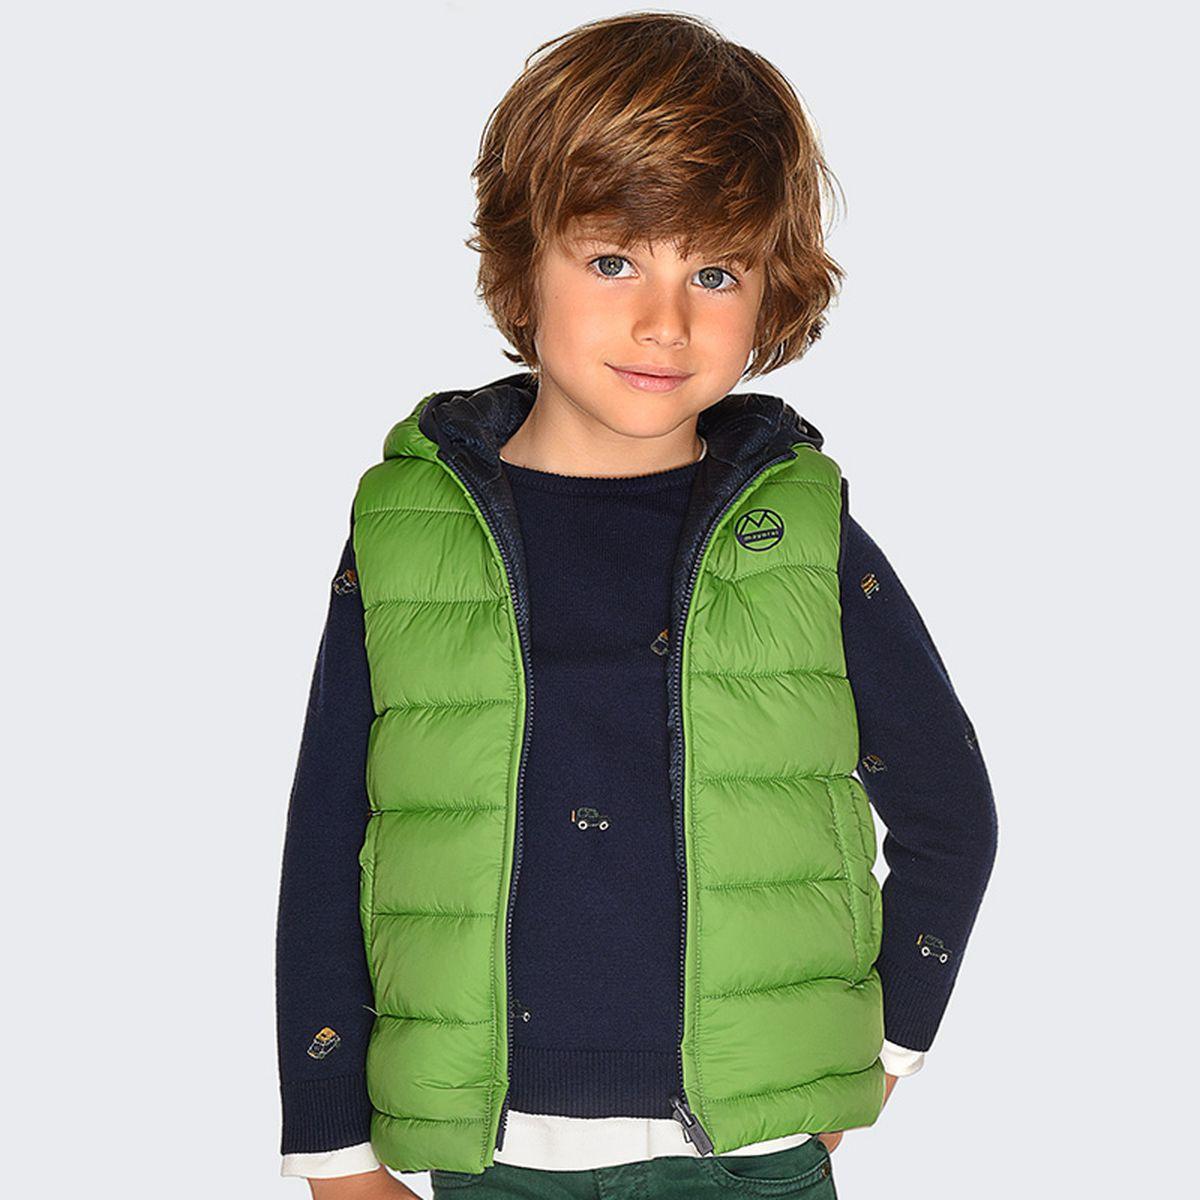 797d3511c670 Детская одежда — купить в интернет-магазине OZON.ru